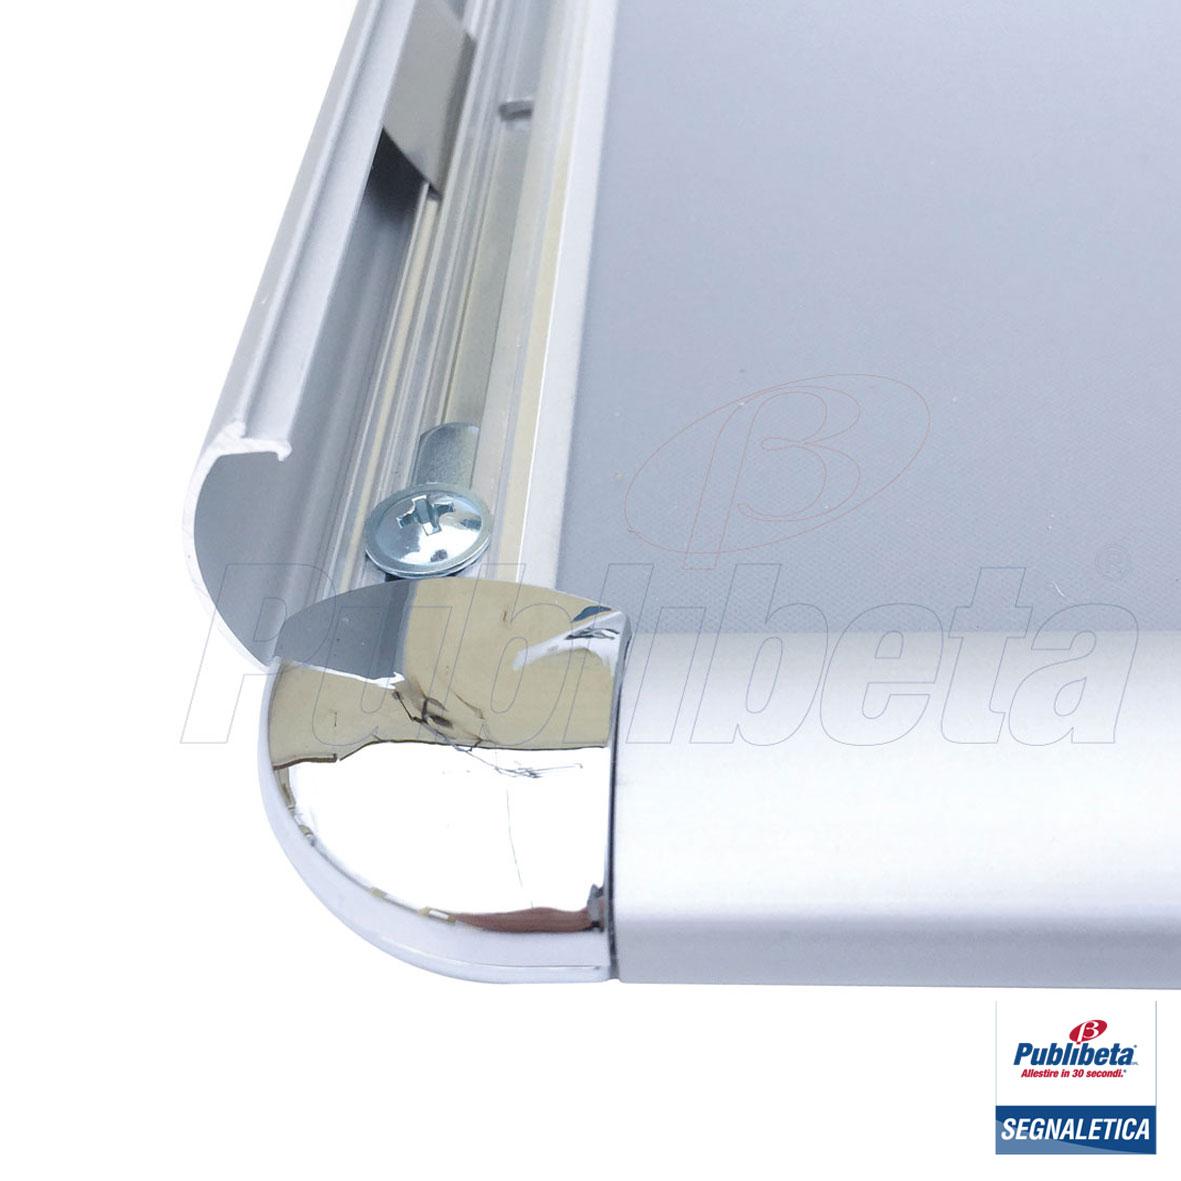 Cornice a scatto da parete con angolo tondo, e profilo di alluminio 25 mm.